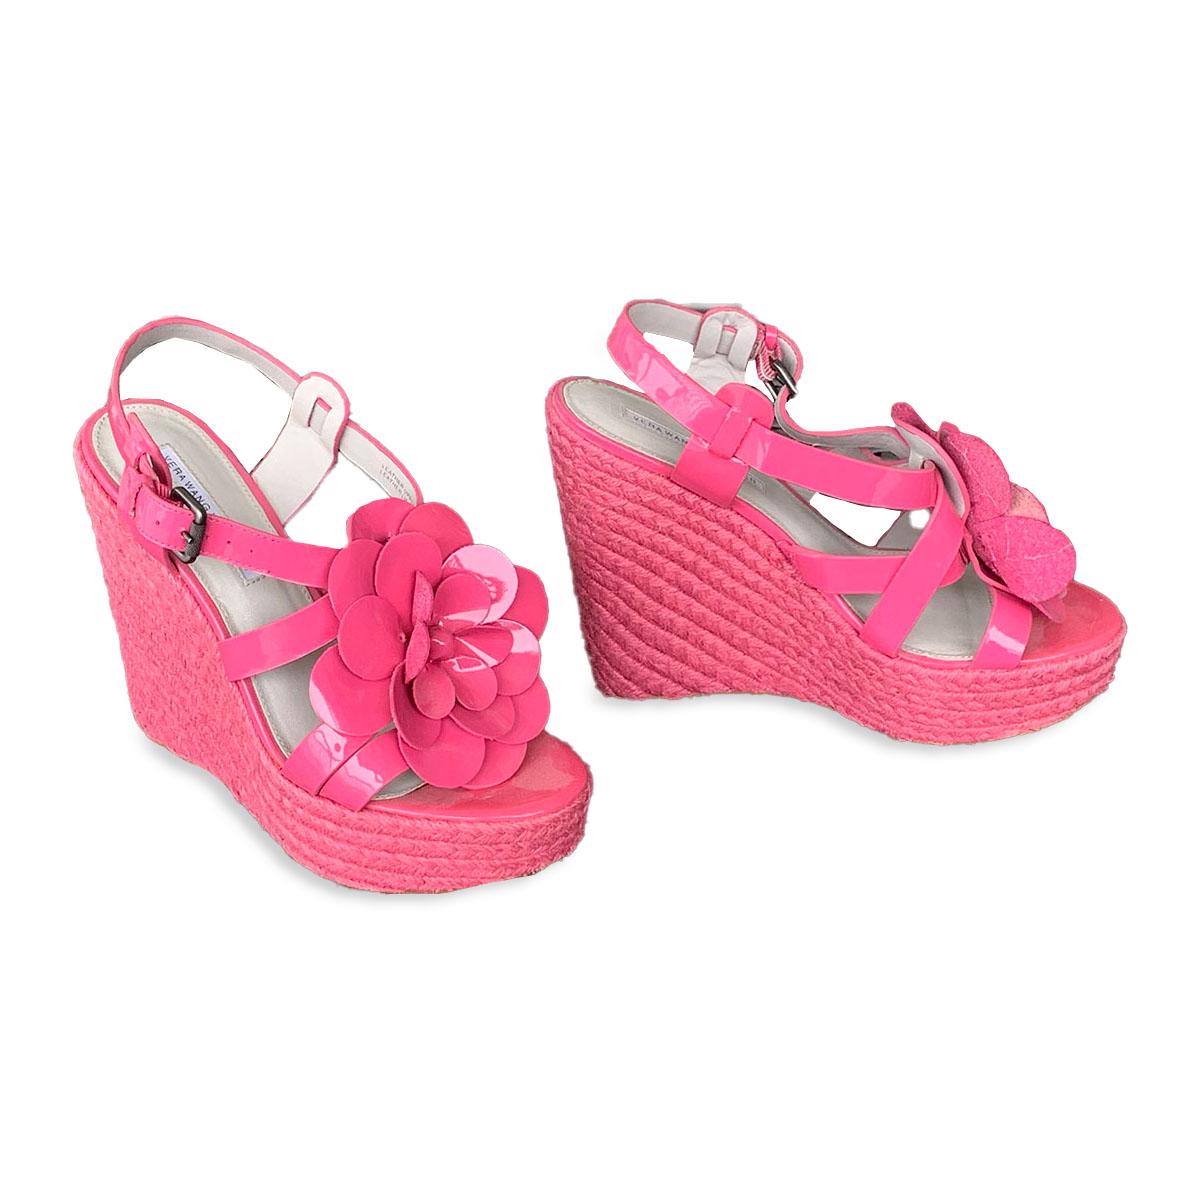 Vera Wang Lavender Shoes